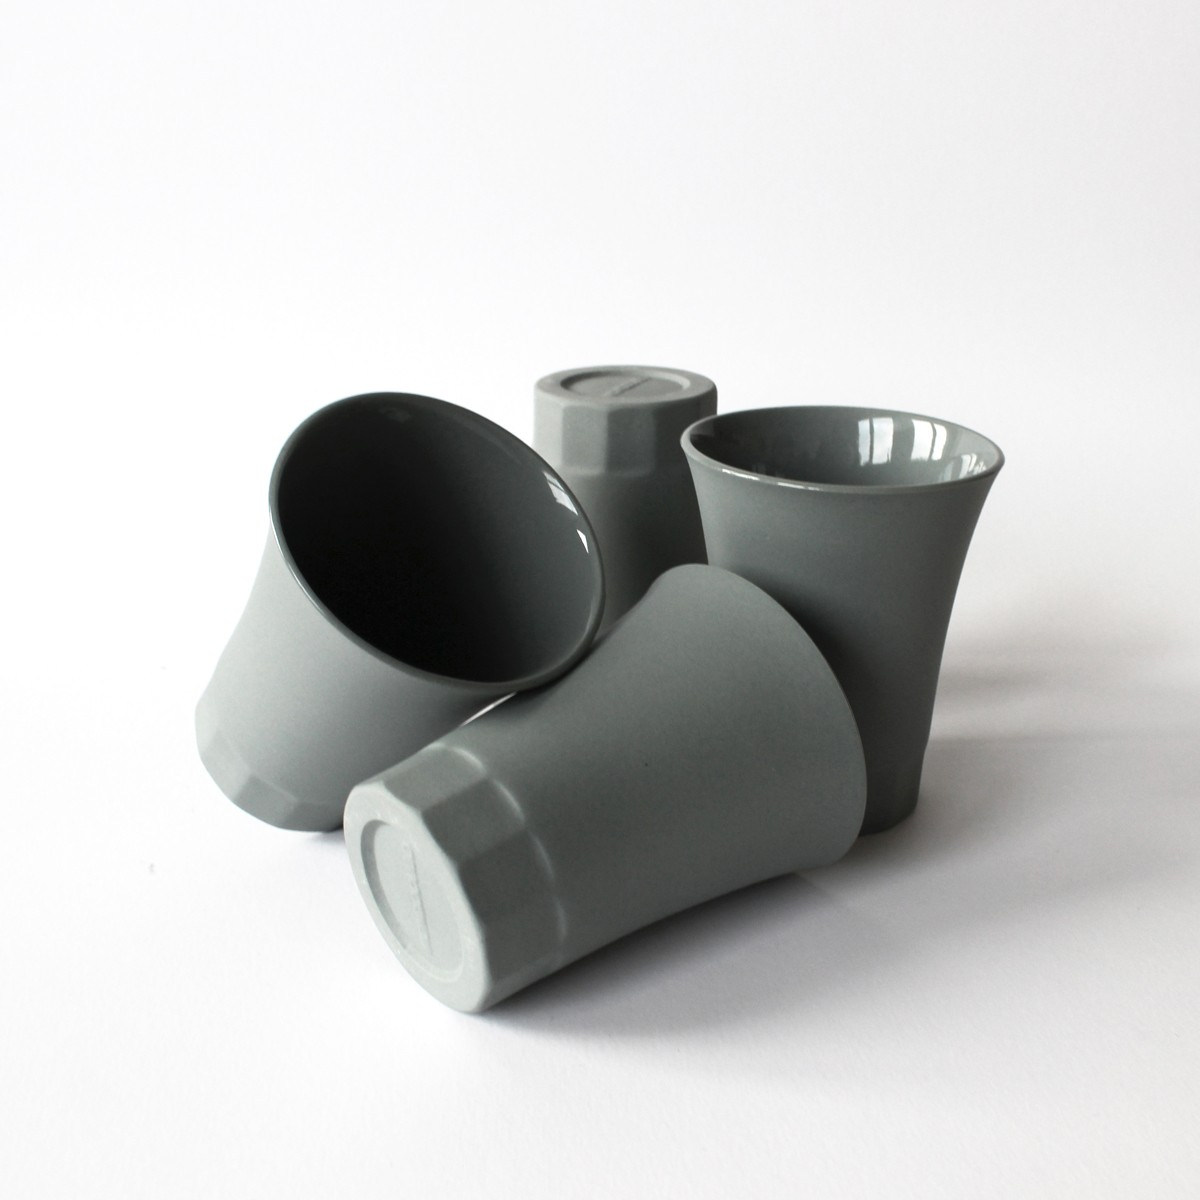 Matt Porzellan Becher für Wein und Wasser, Moderner Becher aus der italienischen POSITANO kollektion